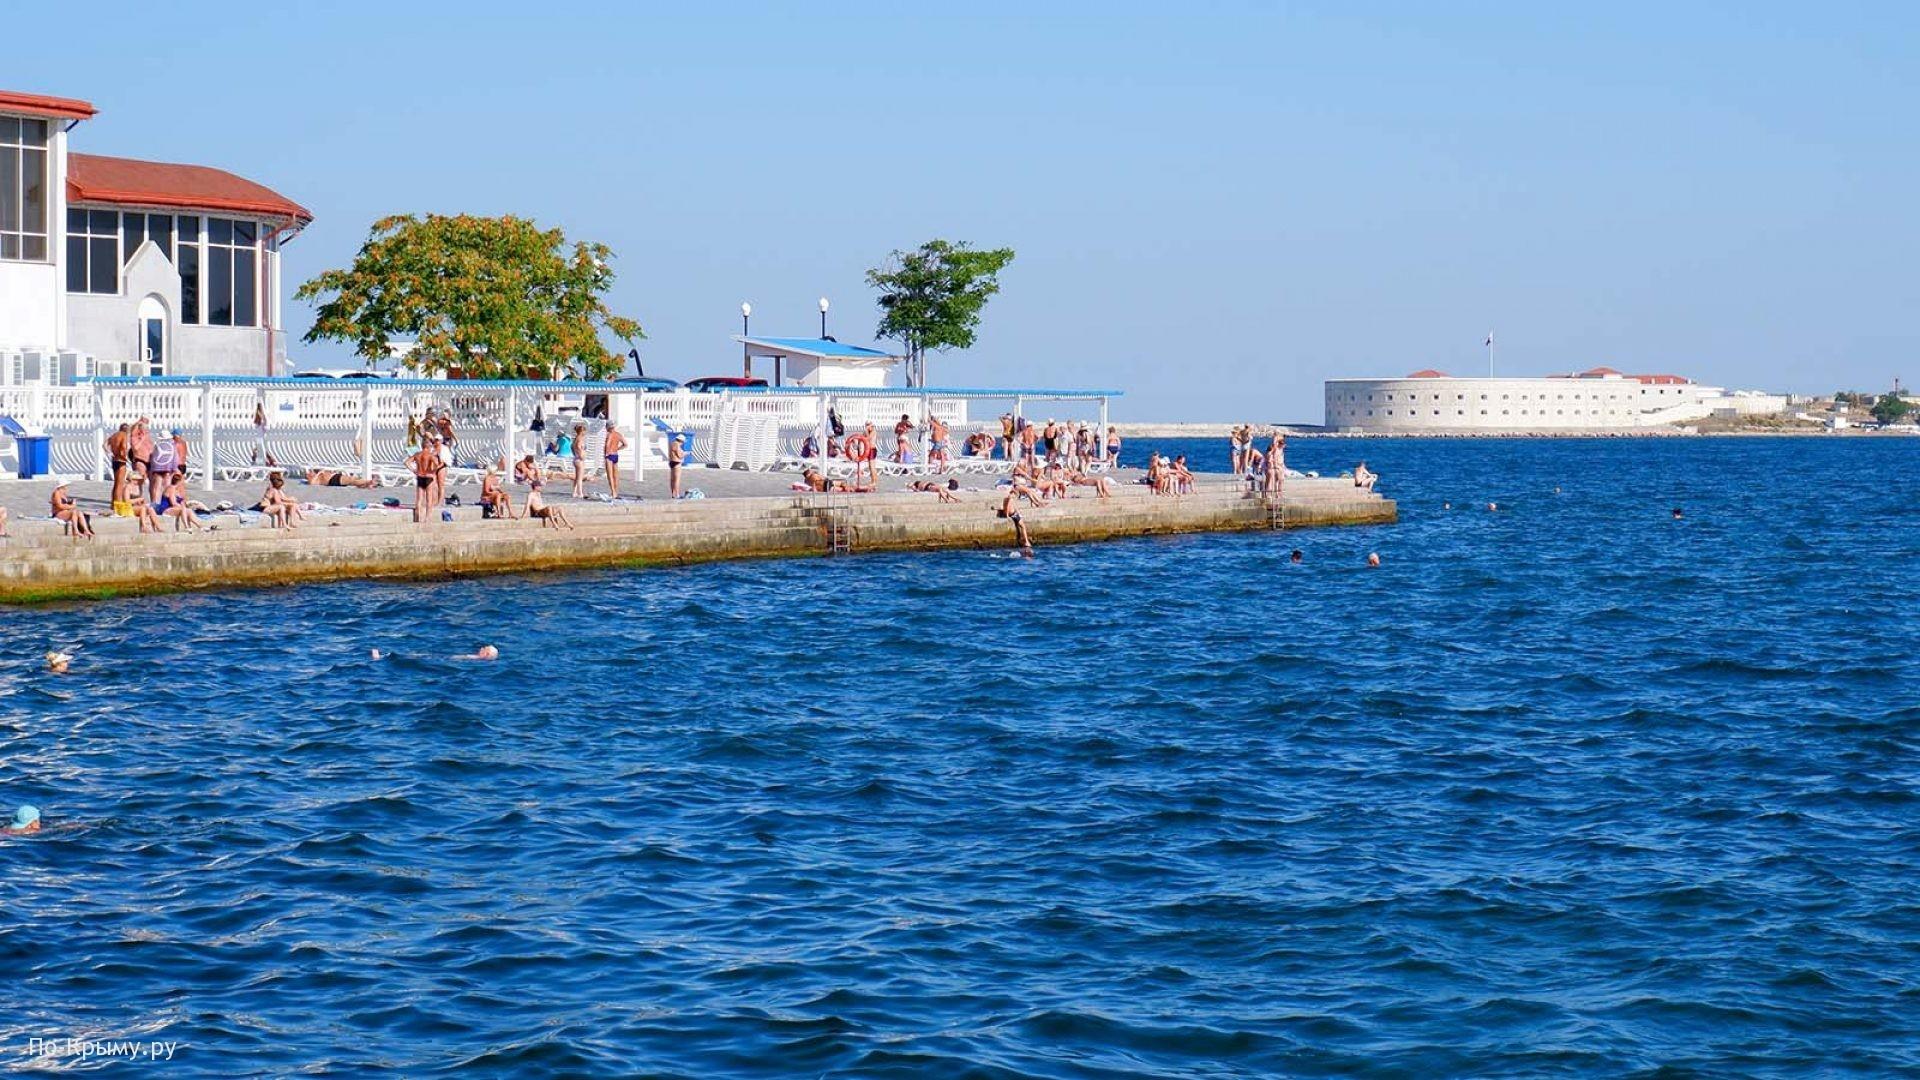 Комфортный пляжный отдых в Севастополе